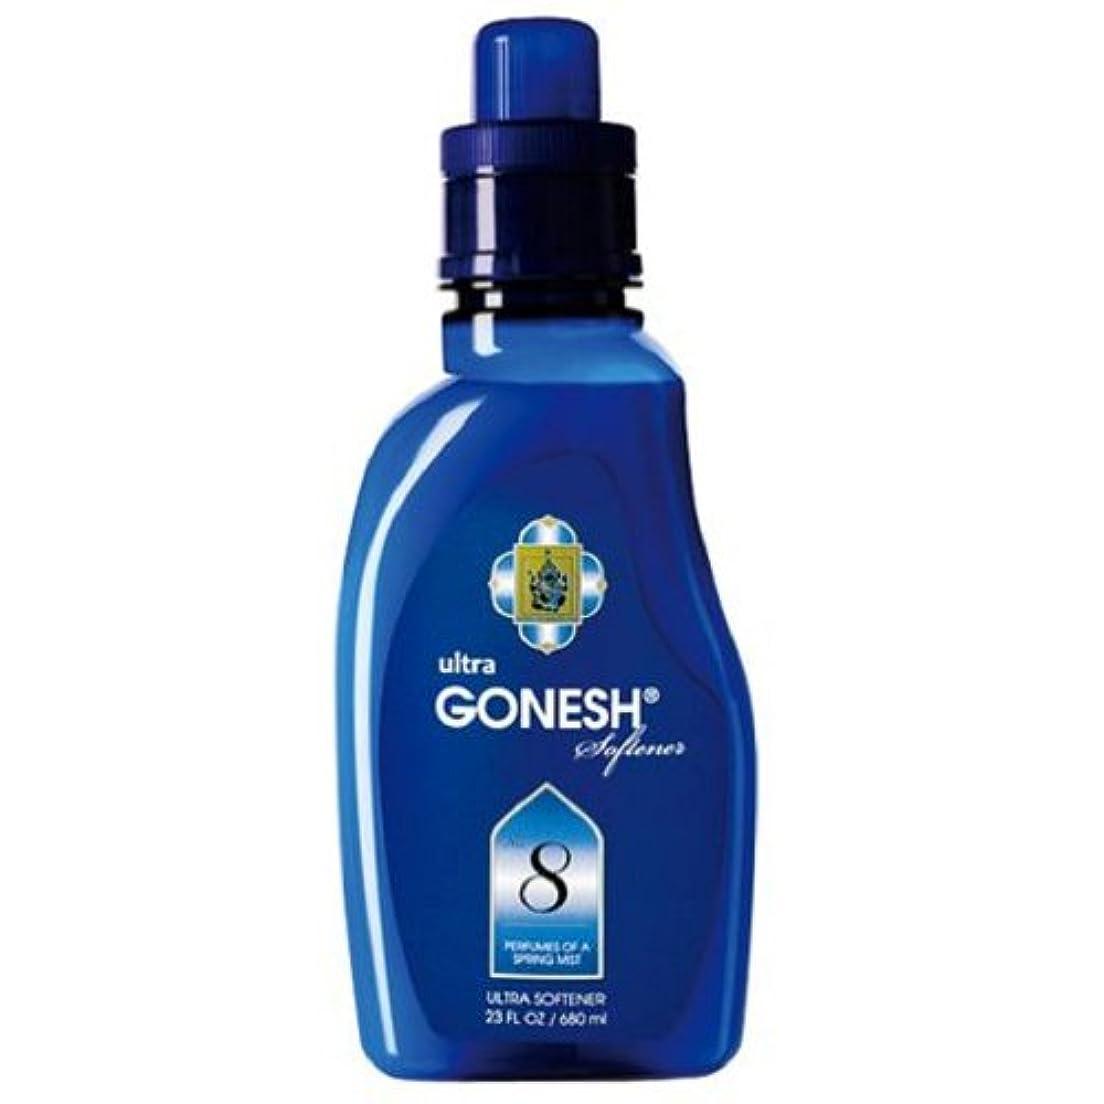 レーダー想像する遺伝的GONESH(ガーネッシュ)ウルトラソフナー NO.8 680ml 柔軟剤 (ほのかに甘いフルーツ系の香り)